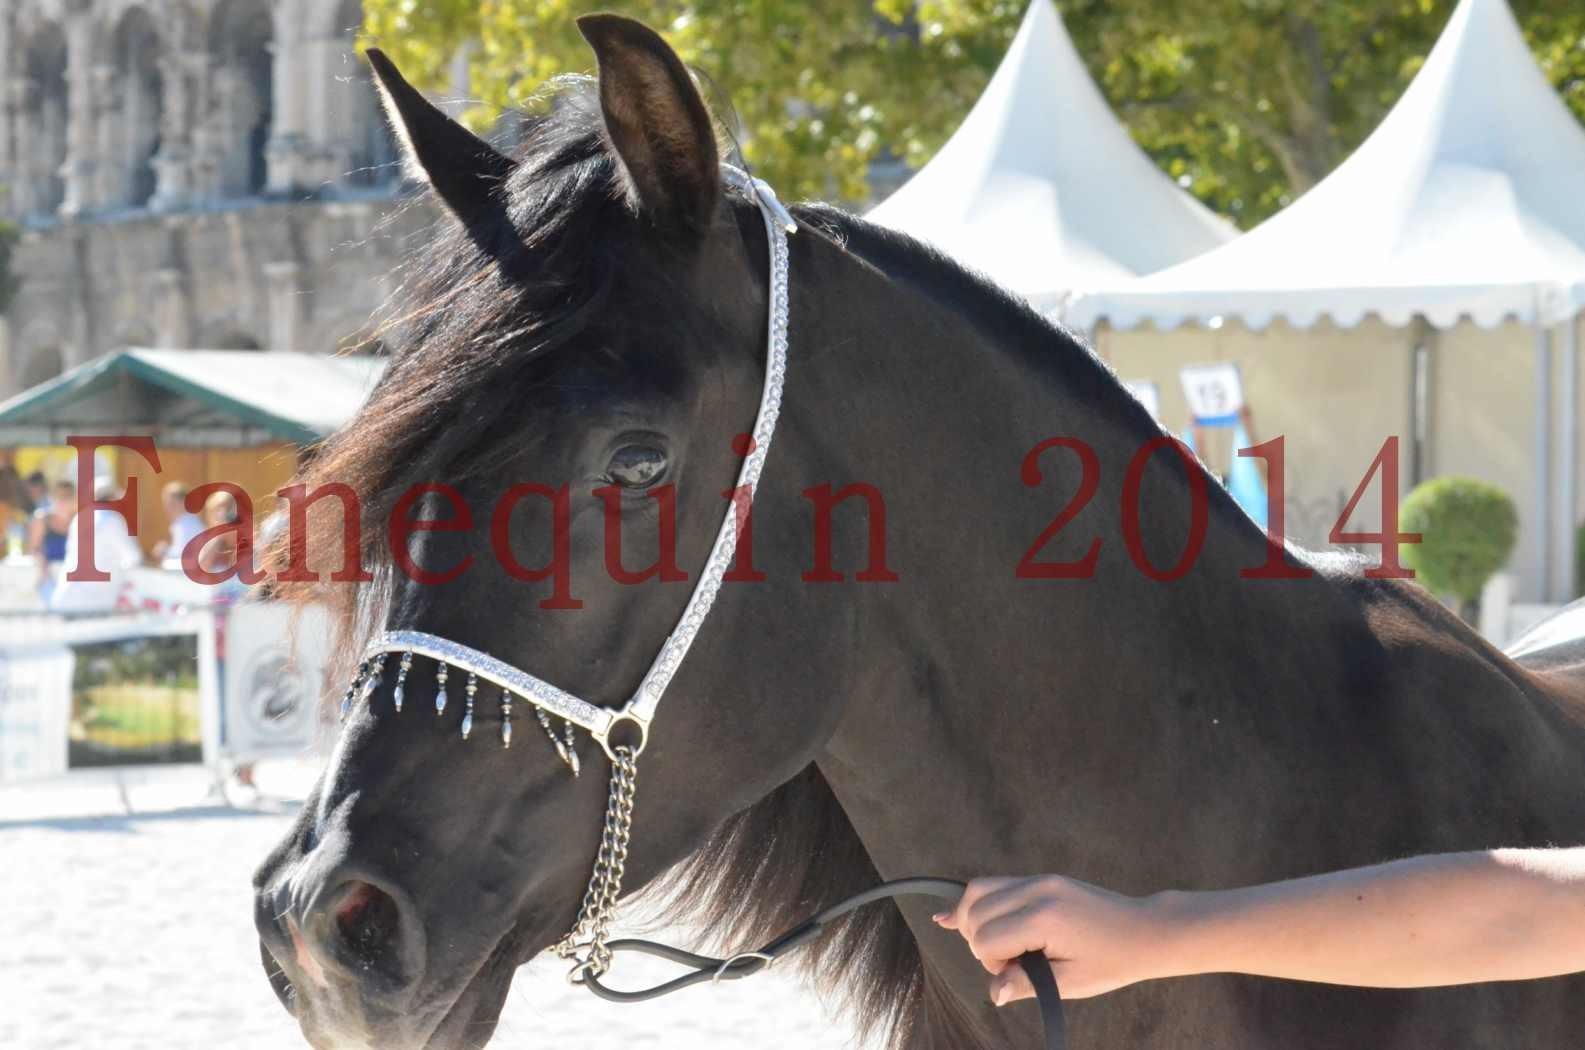 Concours National de Nîmes de chevaux ARABES 2014 - Sélection - Portraits - BALTYK DE CHAUMONT - 11